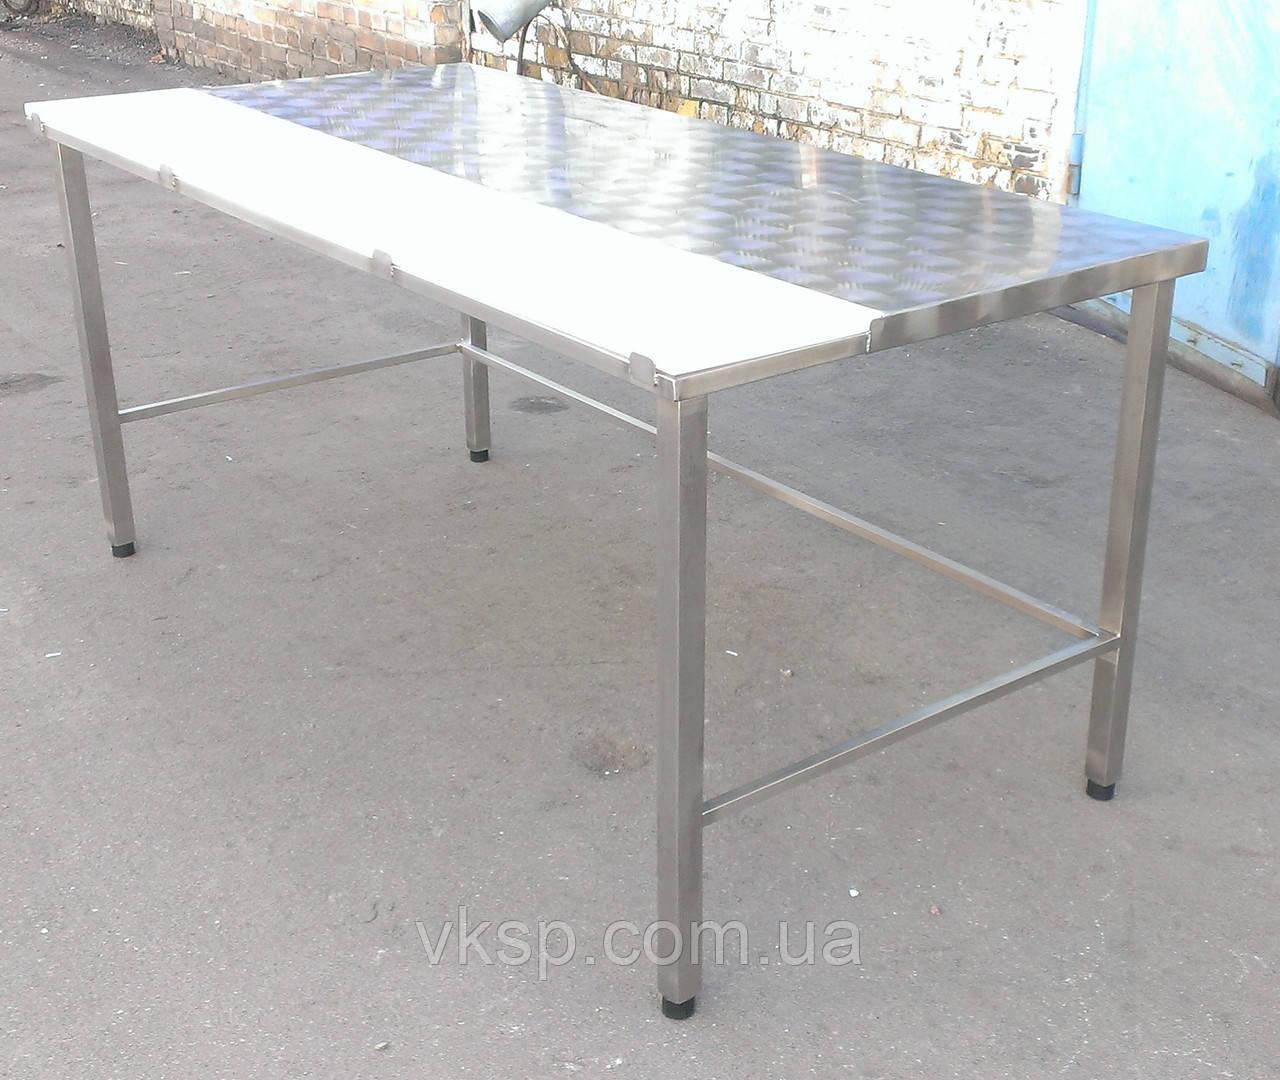 Обвалочный стол усиленный (без борта и полки)